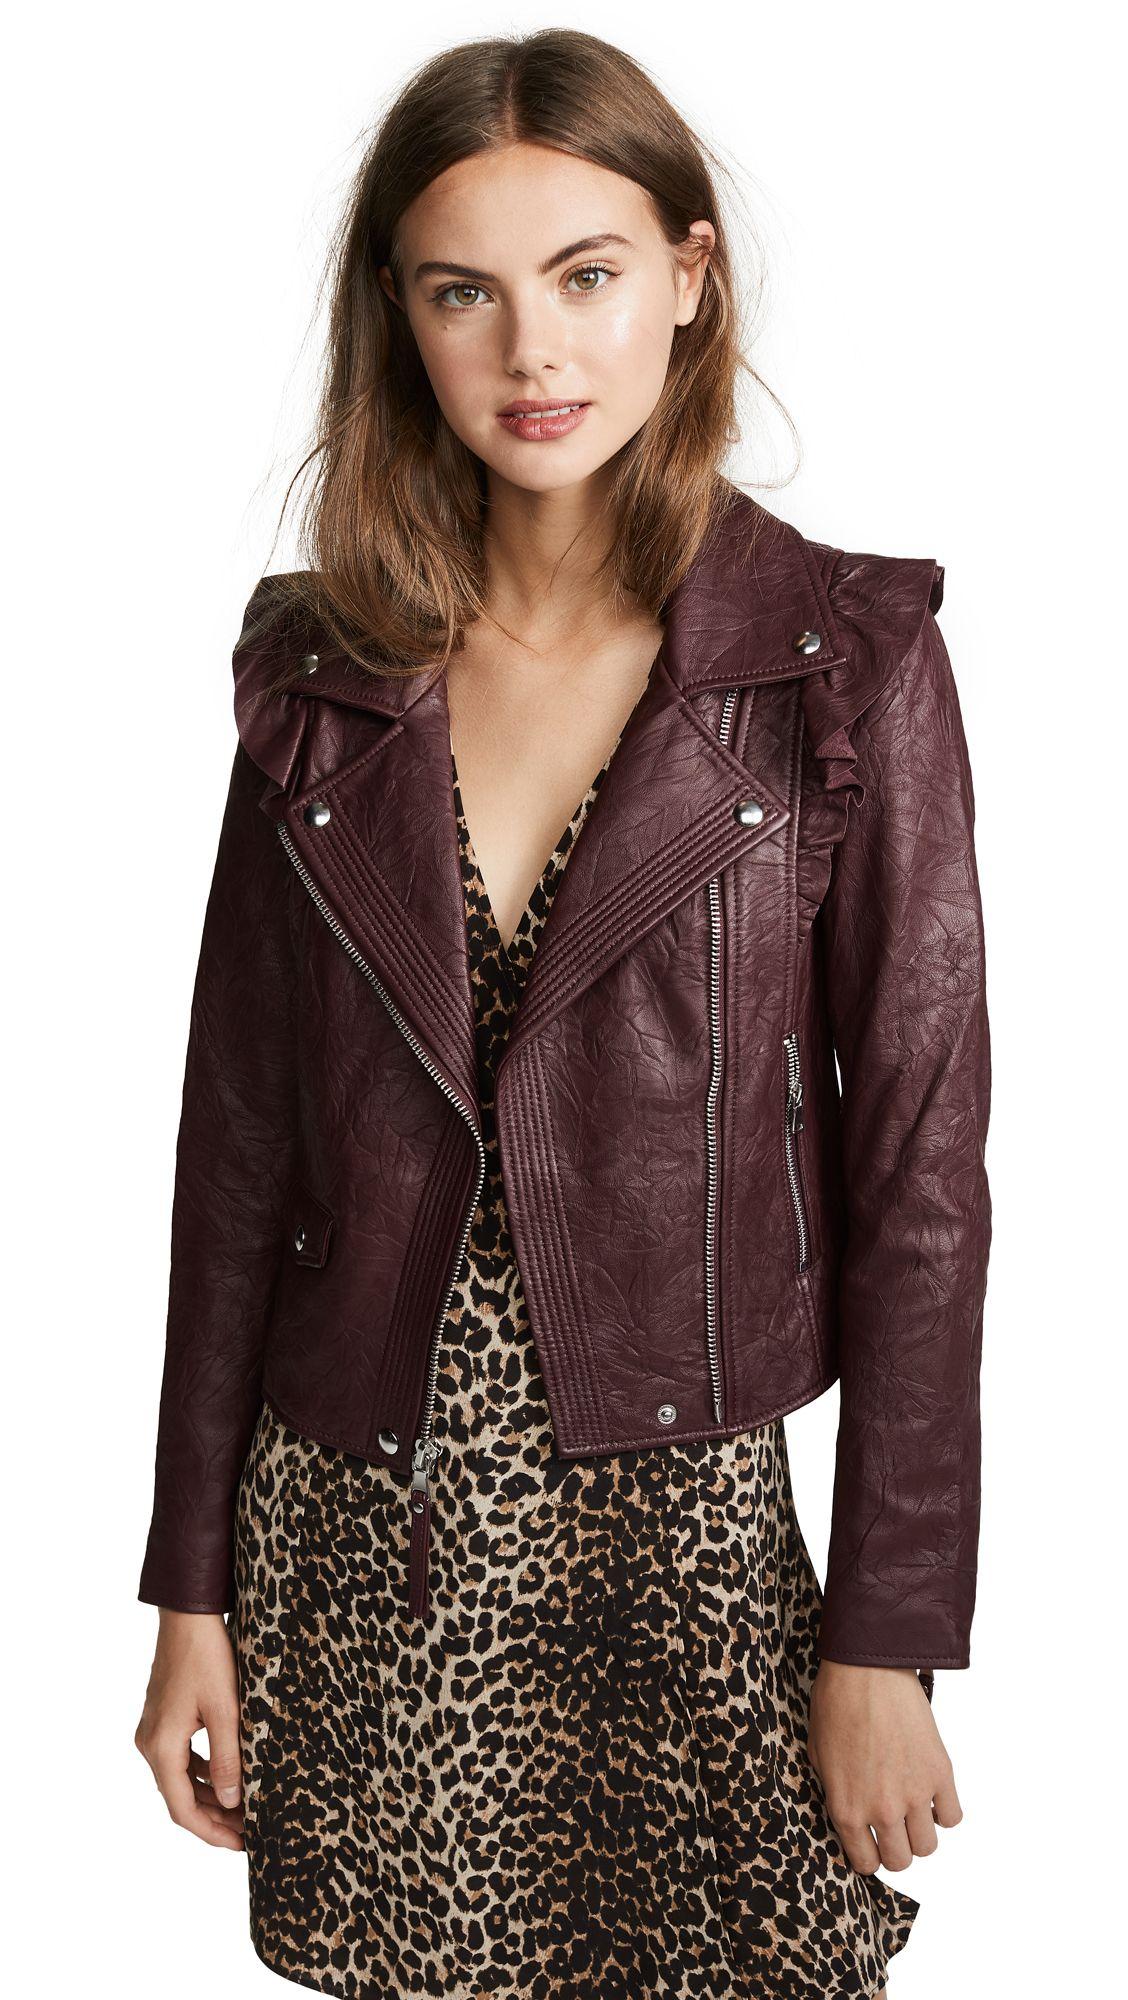 Annika Leather Jacket Leather jacket, Jackets, Everyday